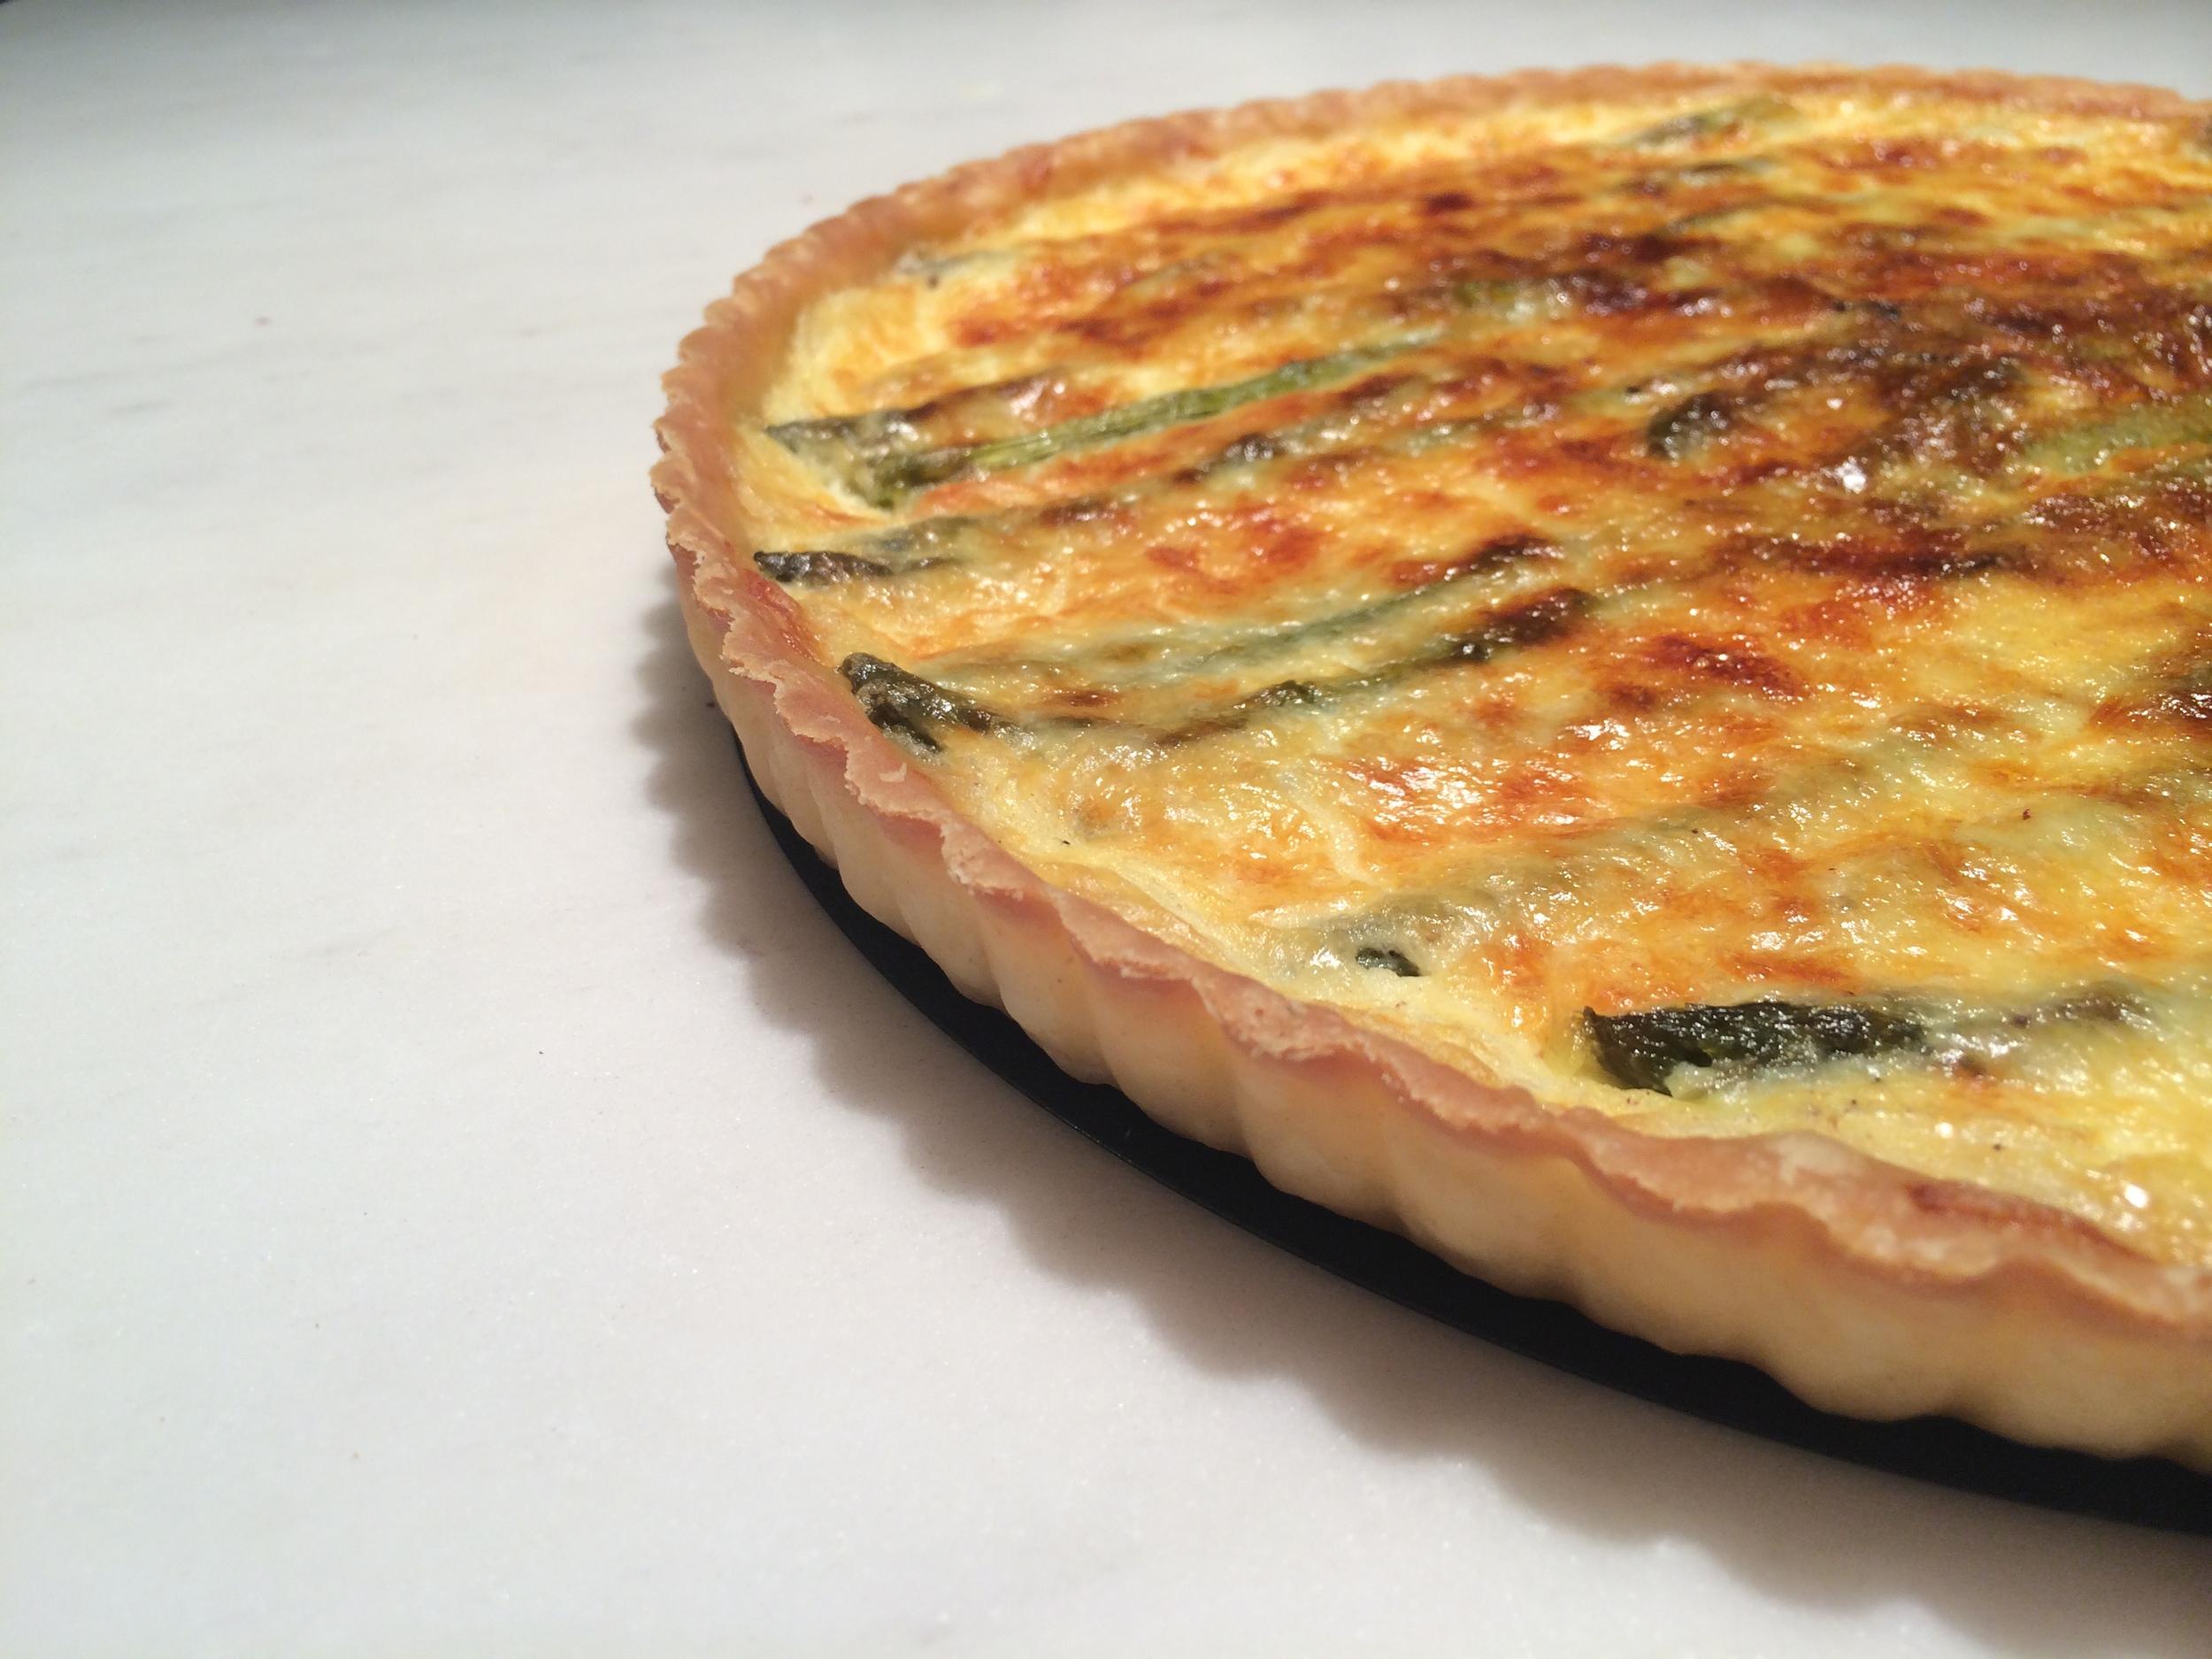 Leve ao forno, pré-aquecido a 180 graus, até que a mistura de ovos coagule. Pra saber se está pronto, bata levemente na porta do forno (no puxador, pra não queimar a mão, of course!). Se o centro da torta estiver firme, está cozido. Deixe dourar bem a superfície e retire do forno. Deixe esfriar e sirva, acompanhada com uma salada verde temperada.